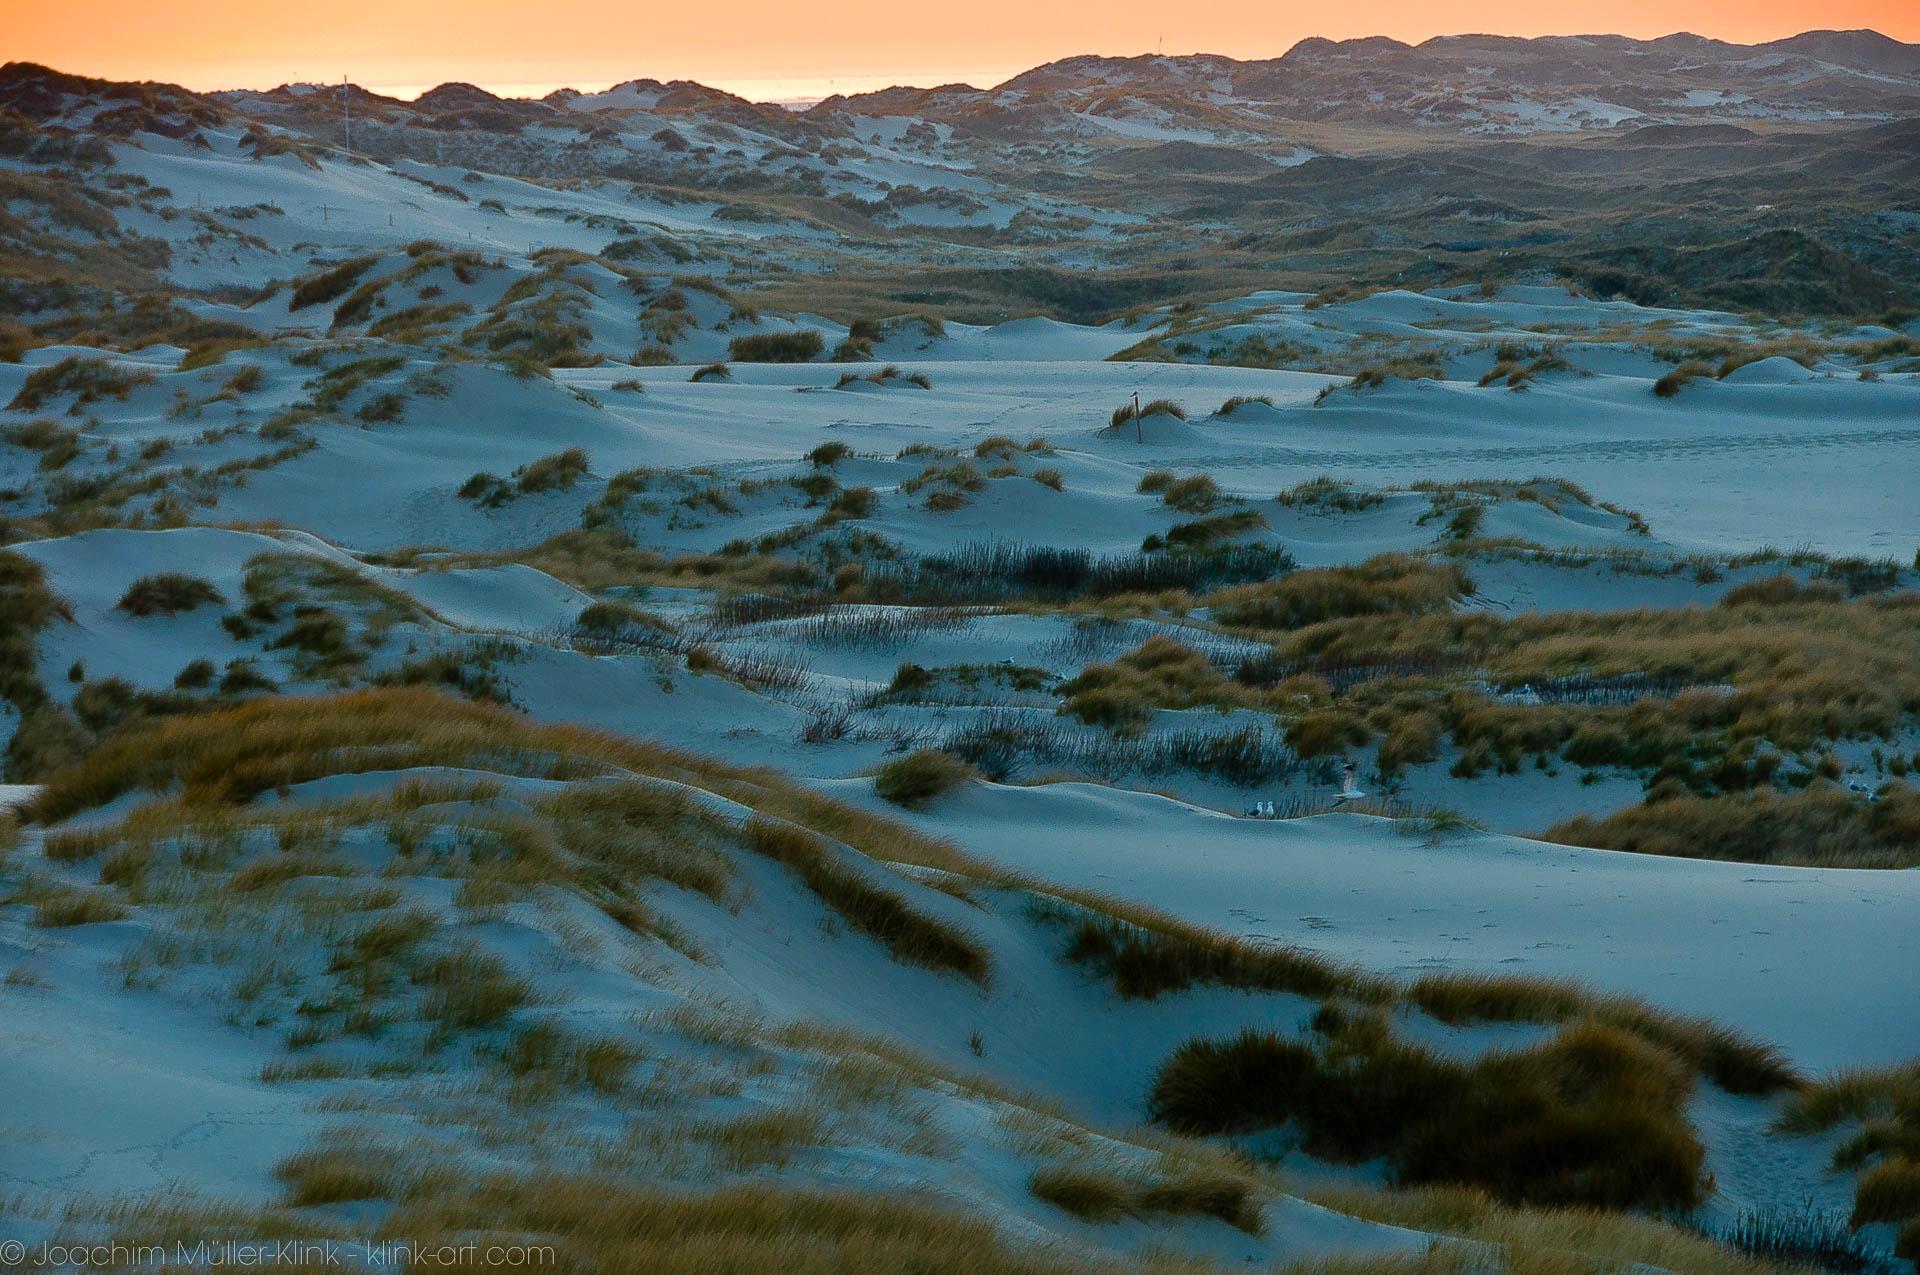 Dünen zur blauen Stunde - Dunes at the blue hour